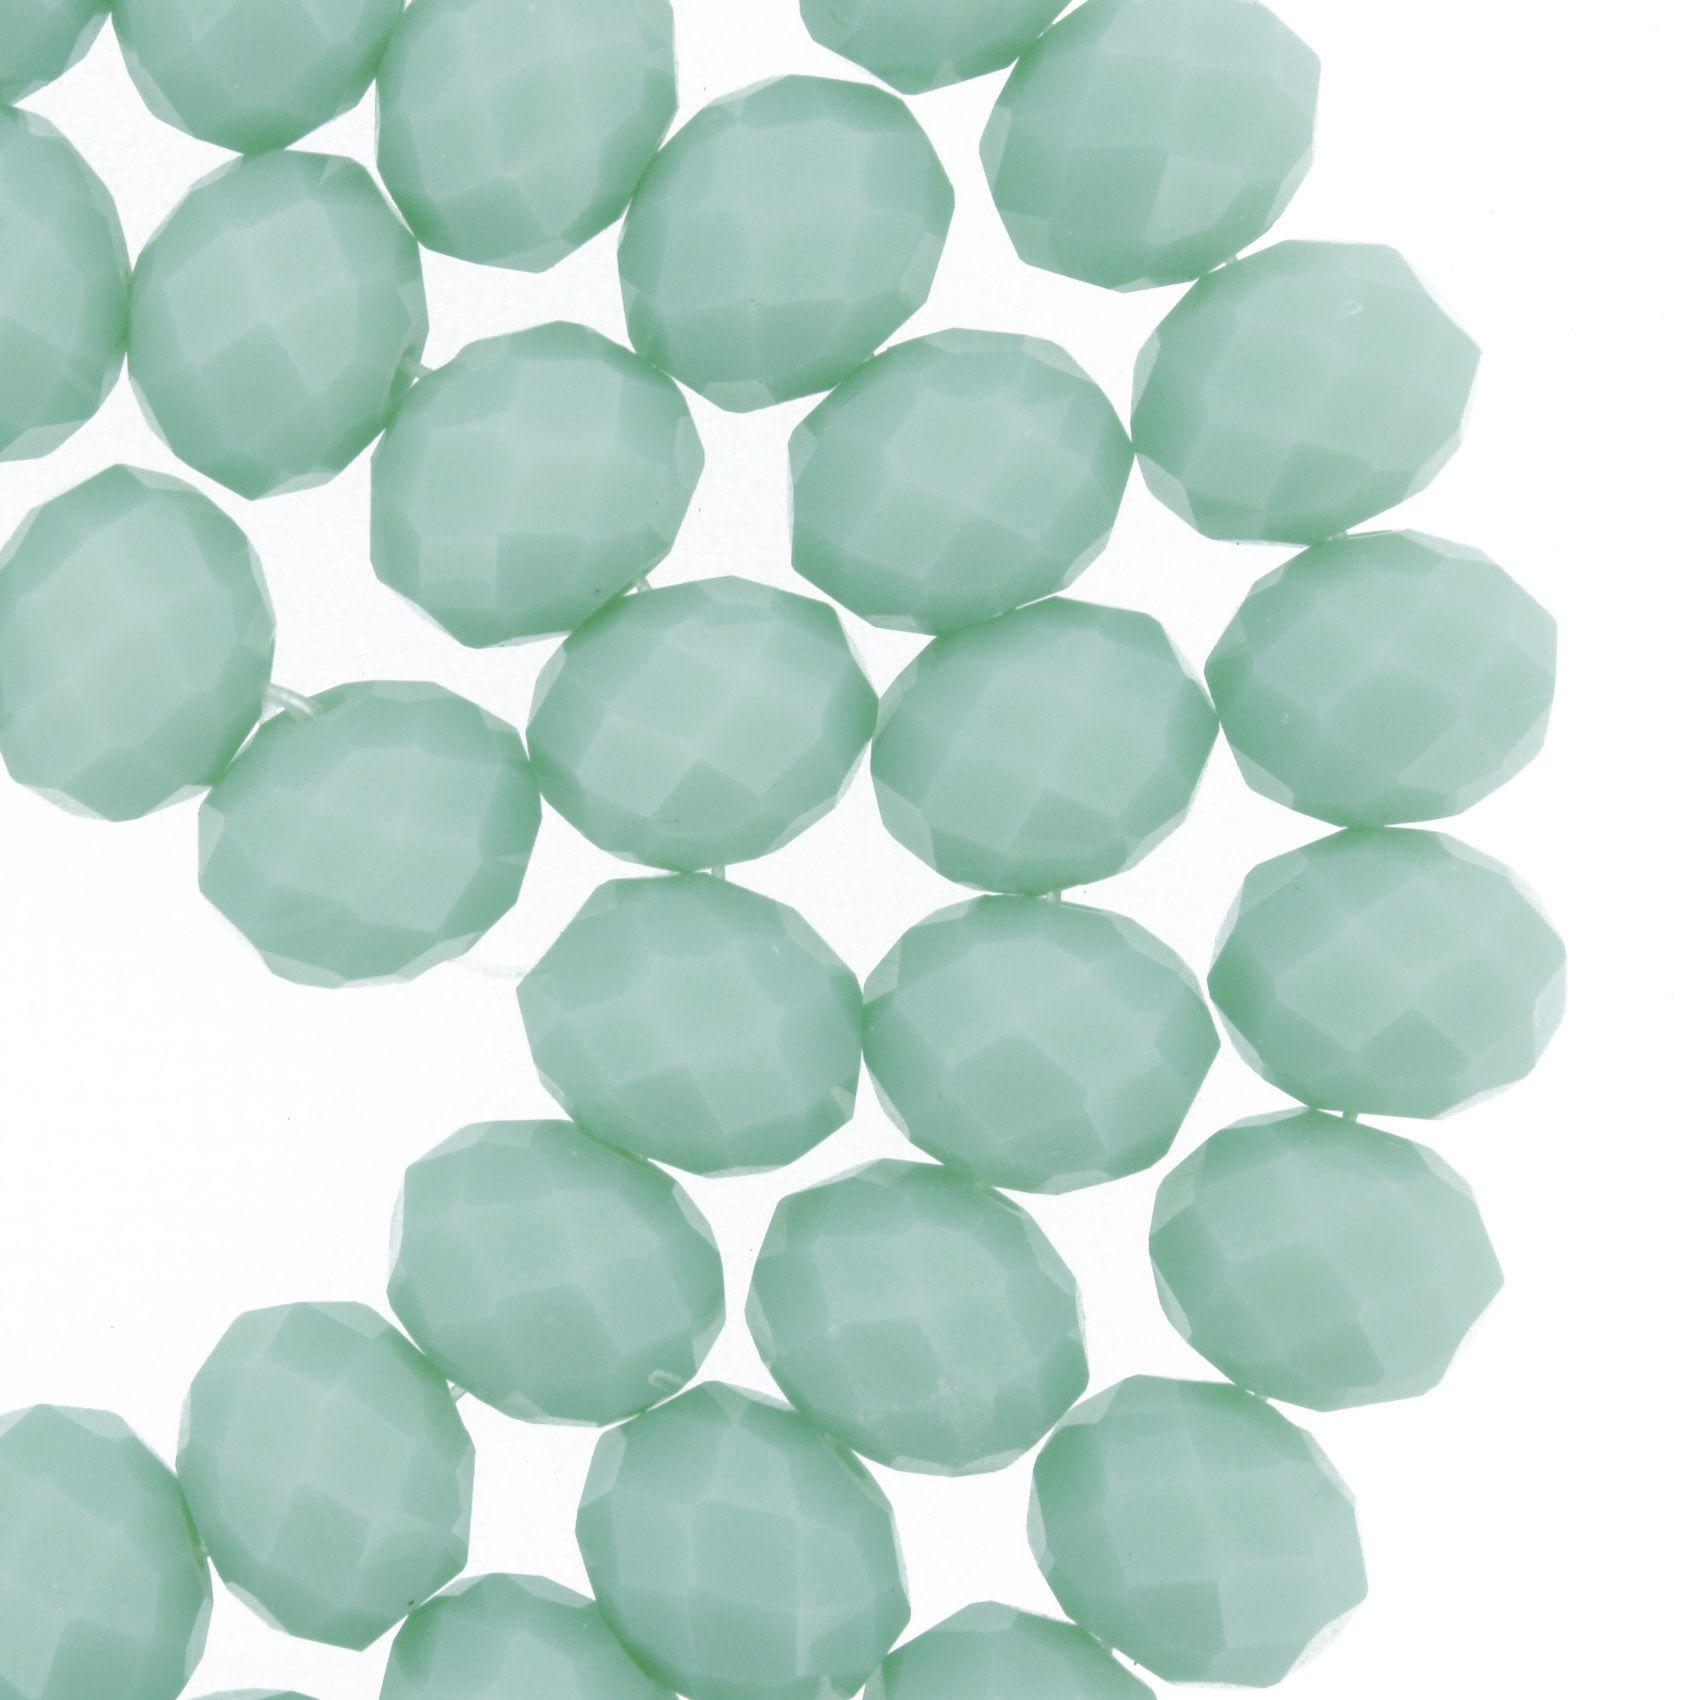 Fio de Cristal - Flat® - Verde Água - 10mm  - Stéphanie Bijoux® - Peças para Bijuterias e Artesanato